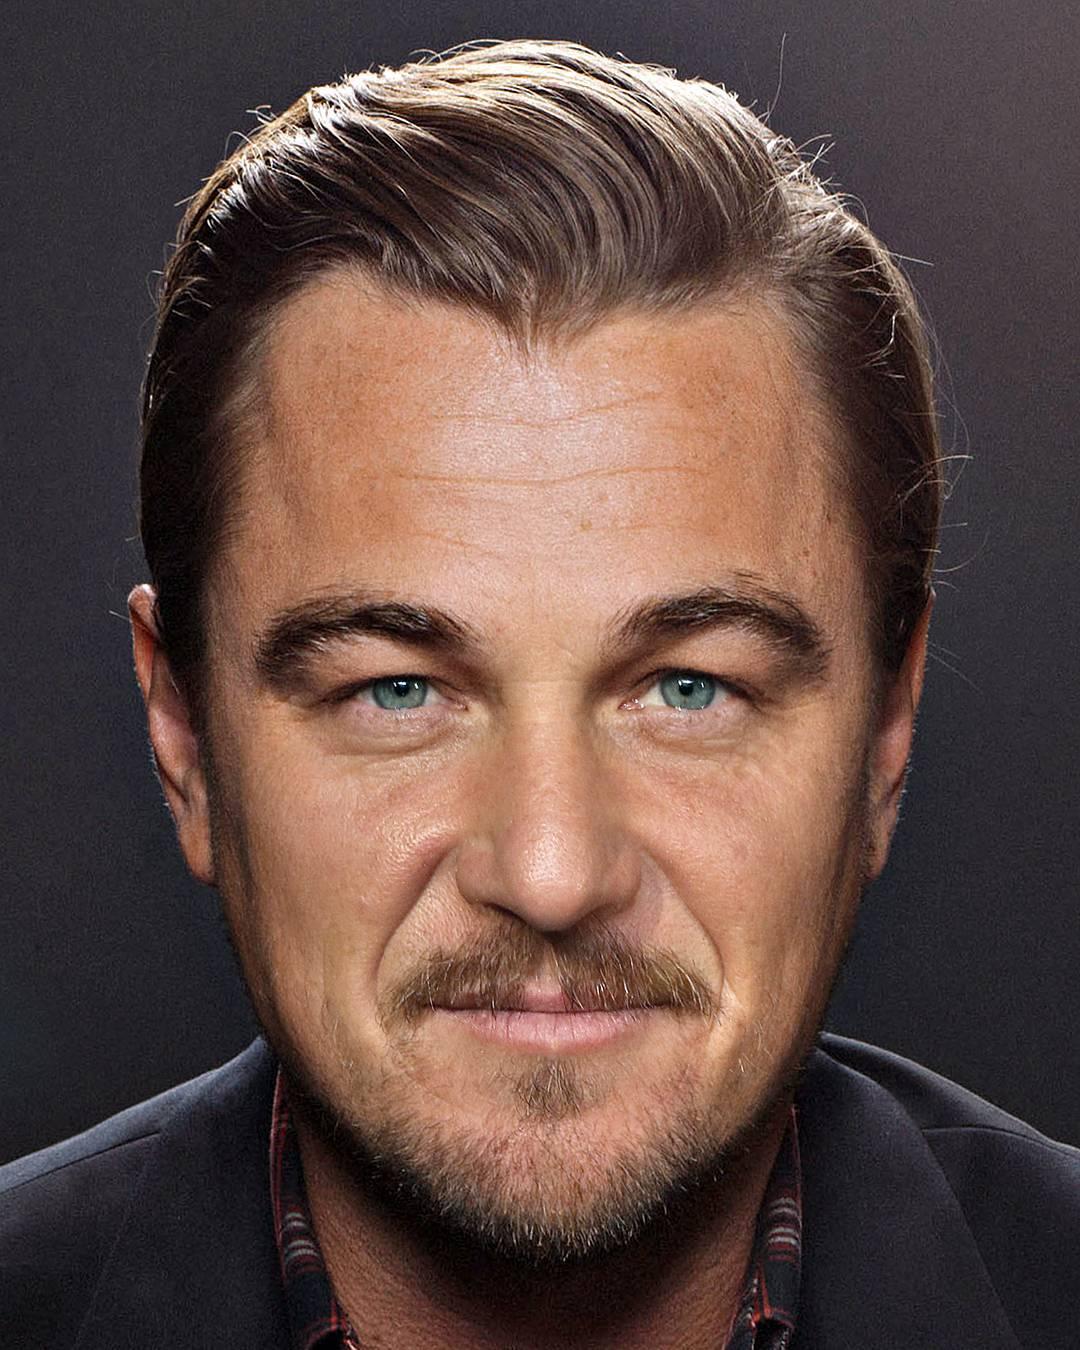 Sean-Penn-mixed-with-Leonardo-DiCaprio